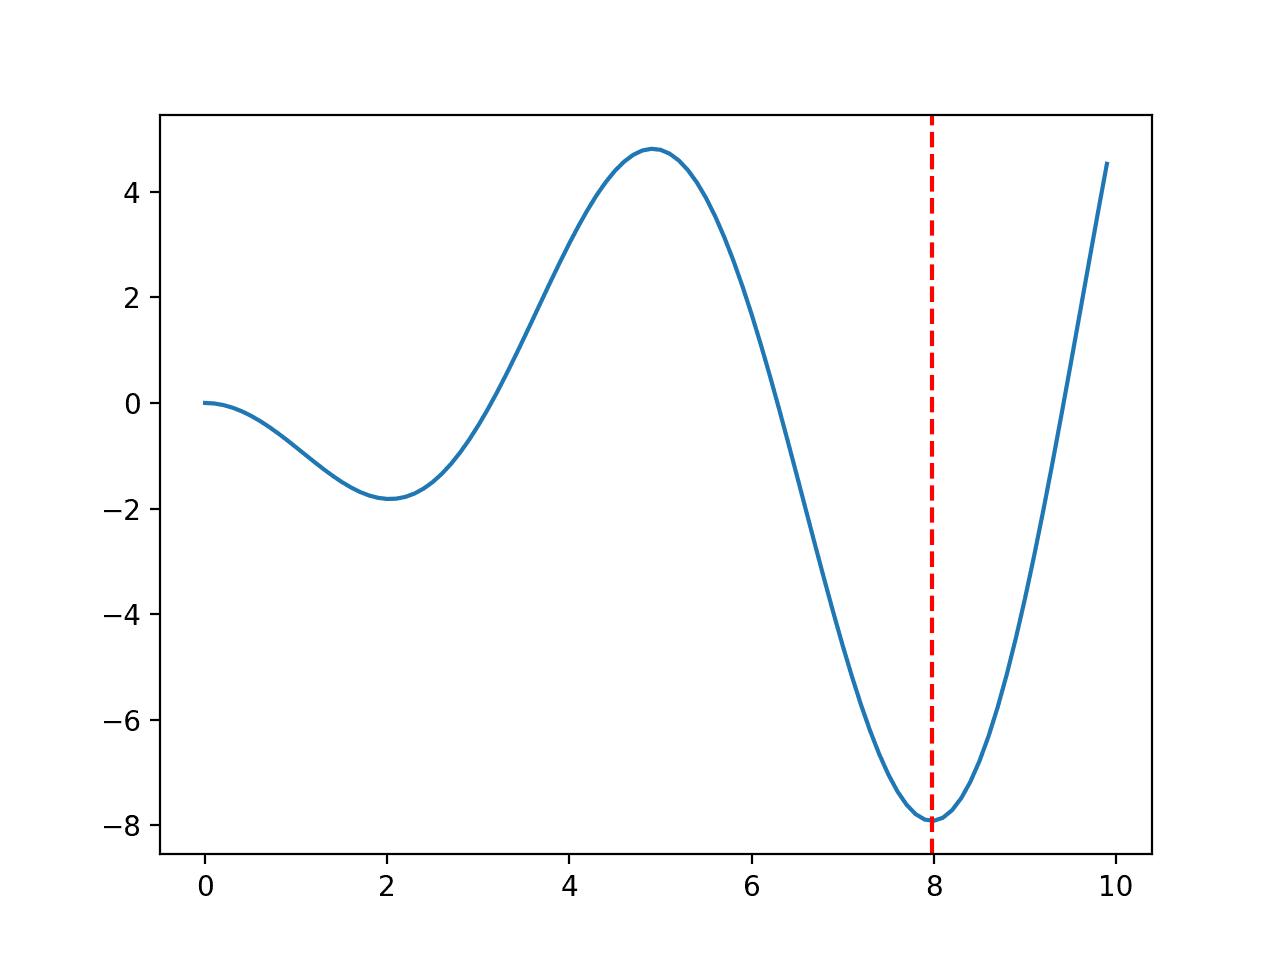 Line Plot of Multimodal Optimization Function 3